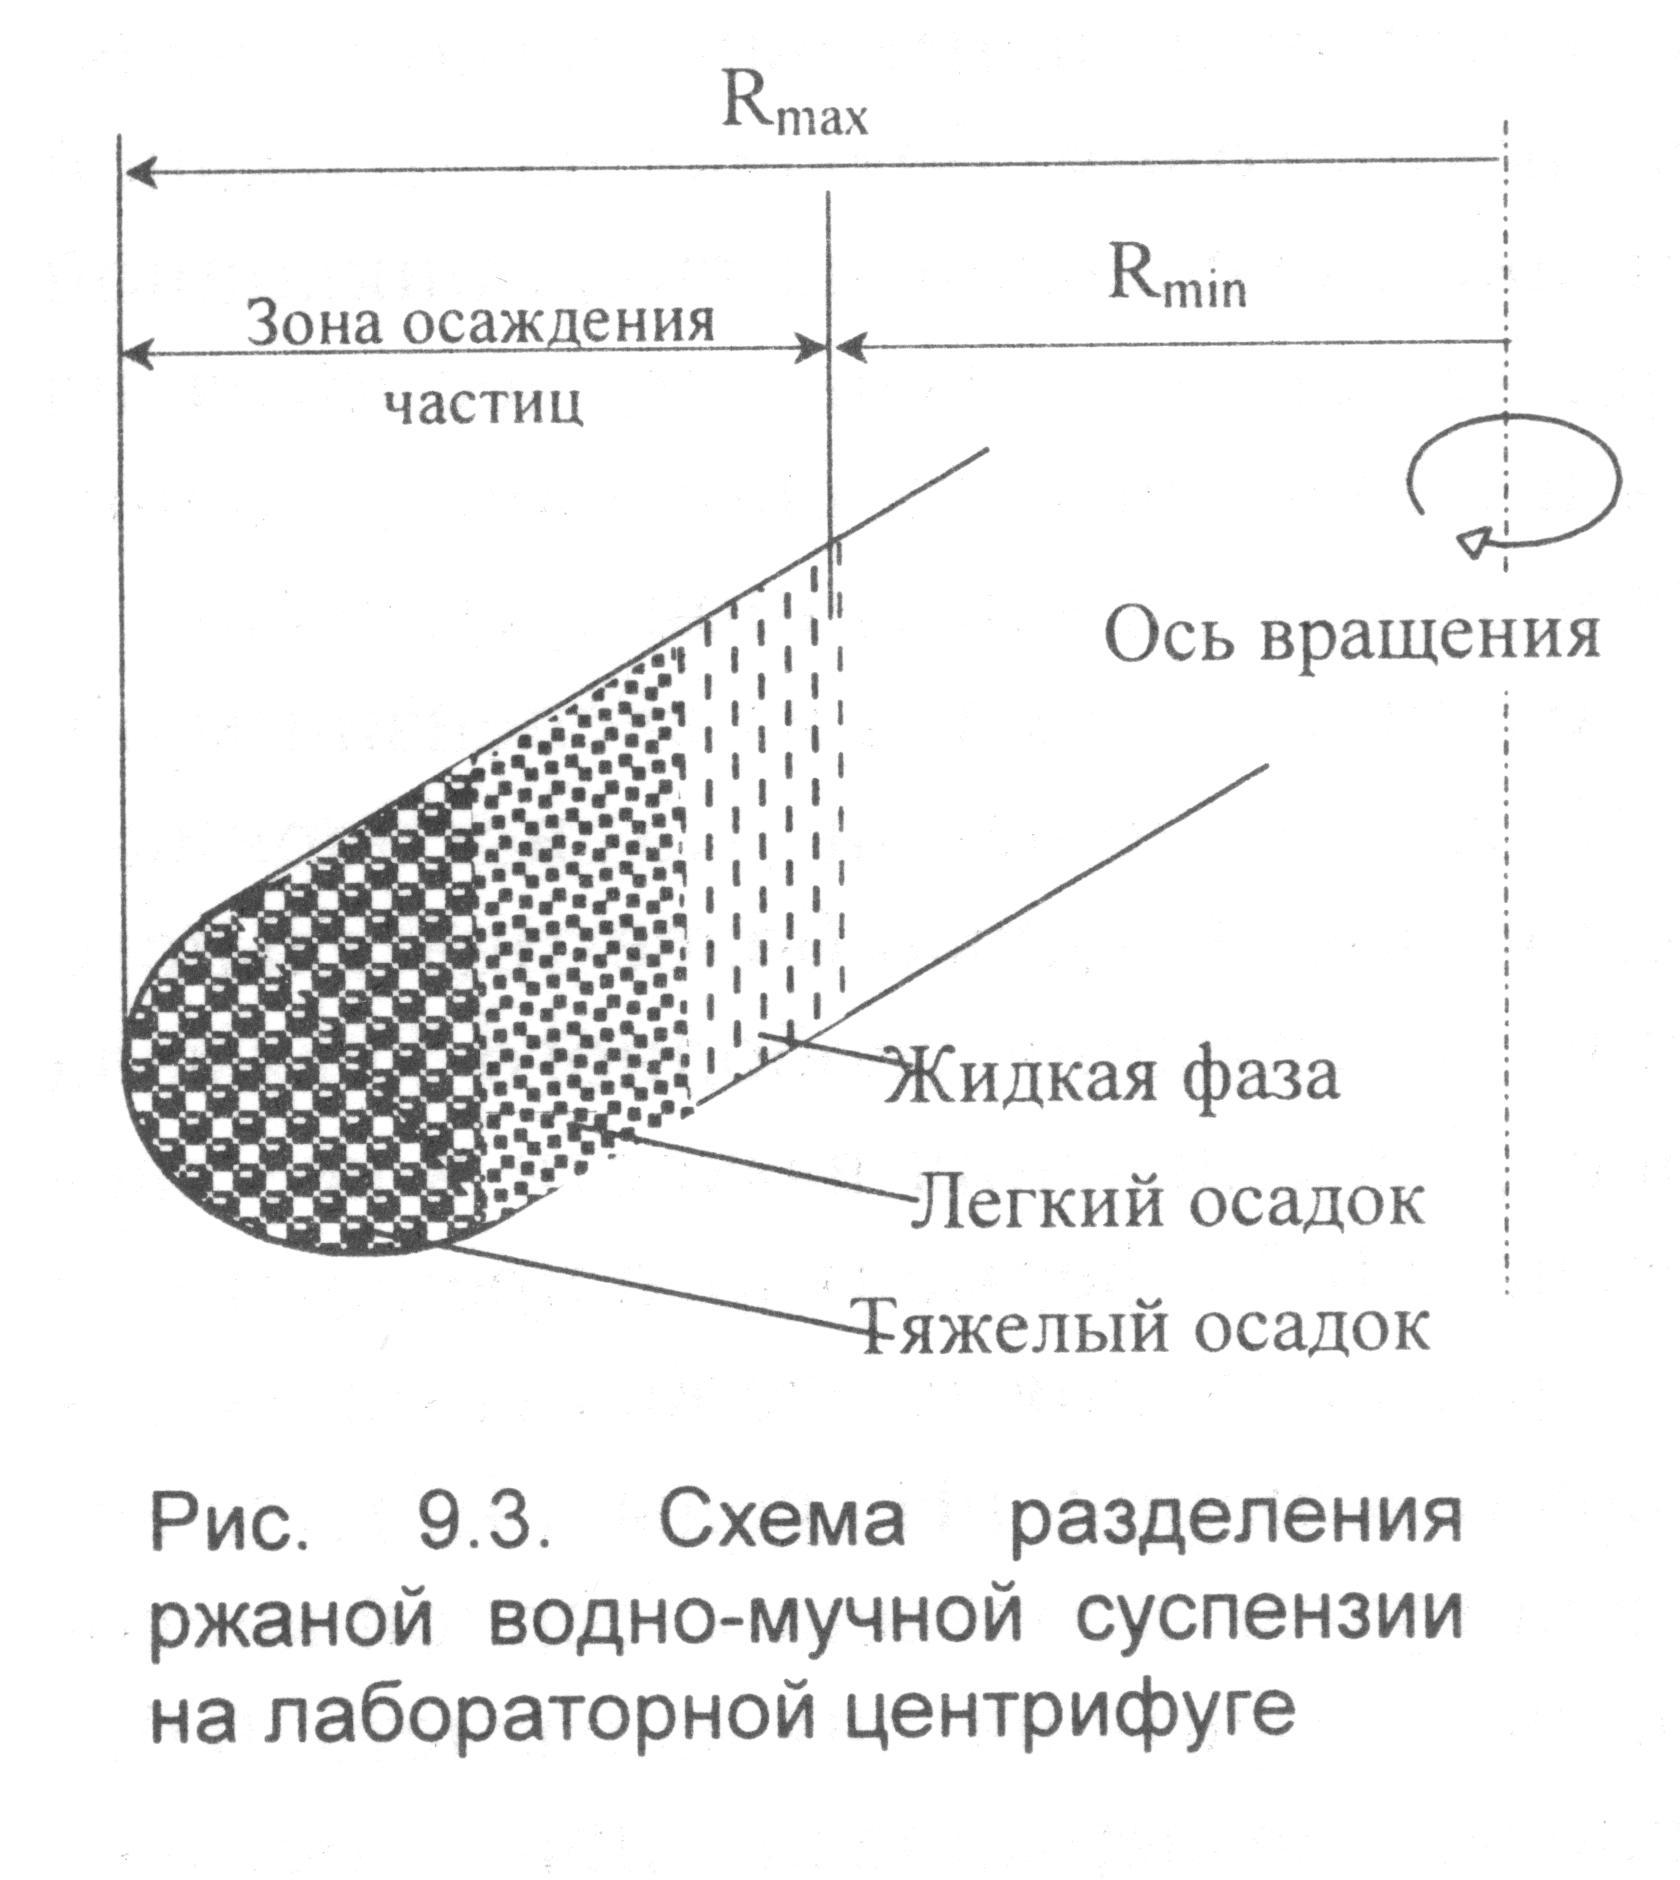 Схема разделения ржаной водно-мучной суспензии на лабораторной центрифуге